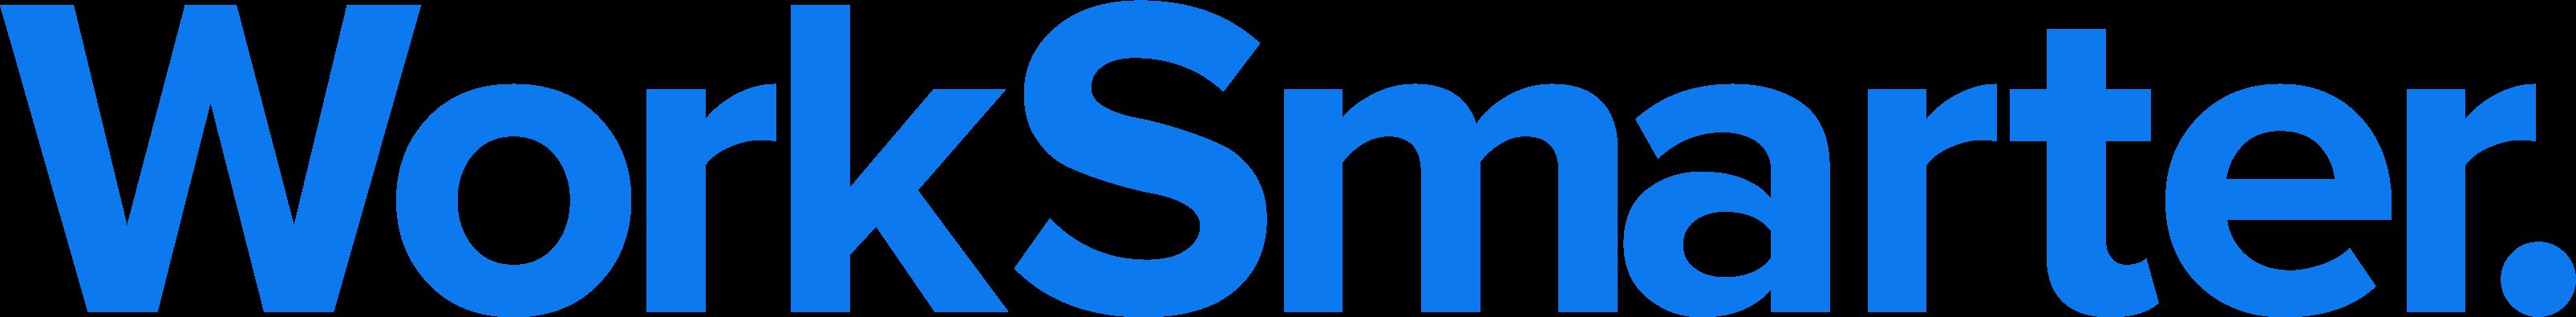 WorkSmarter Logo